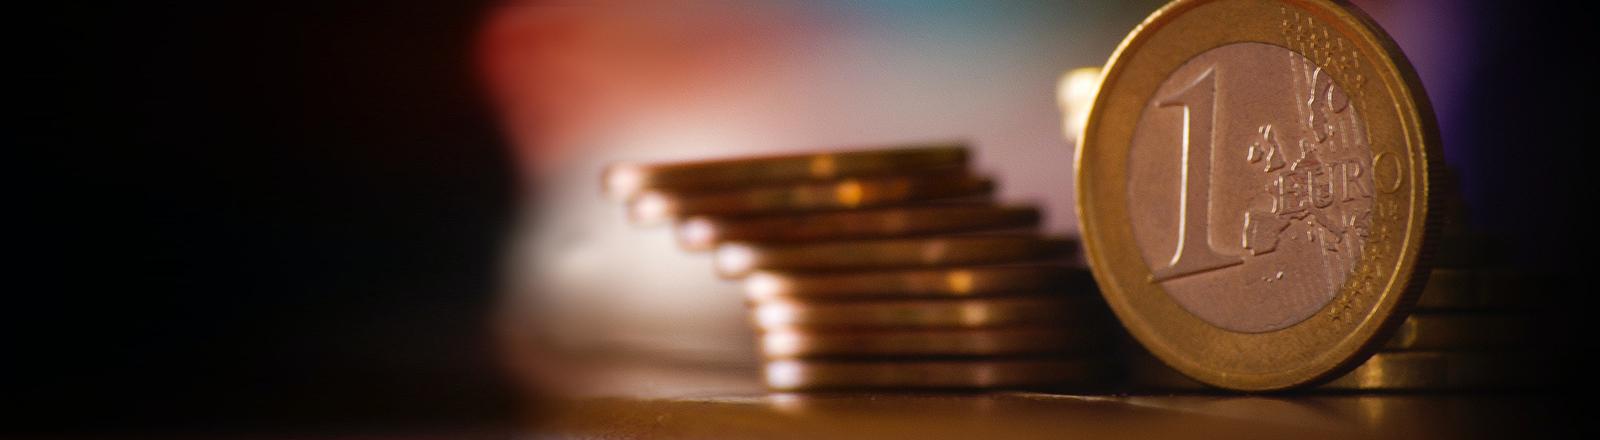 Ein paar Euro-Münzen liegen übereinander.